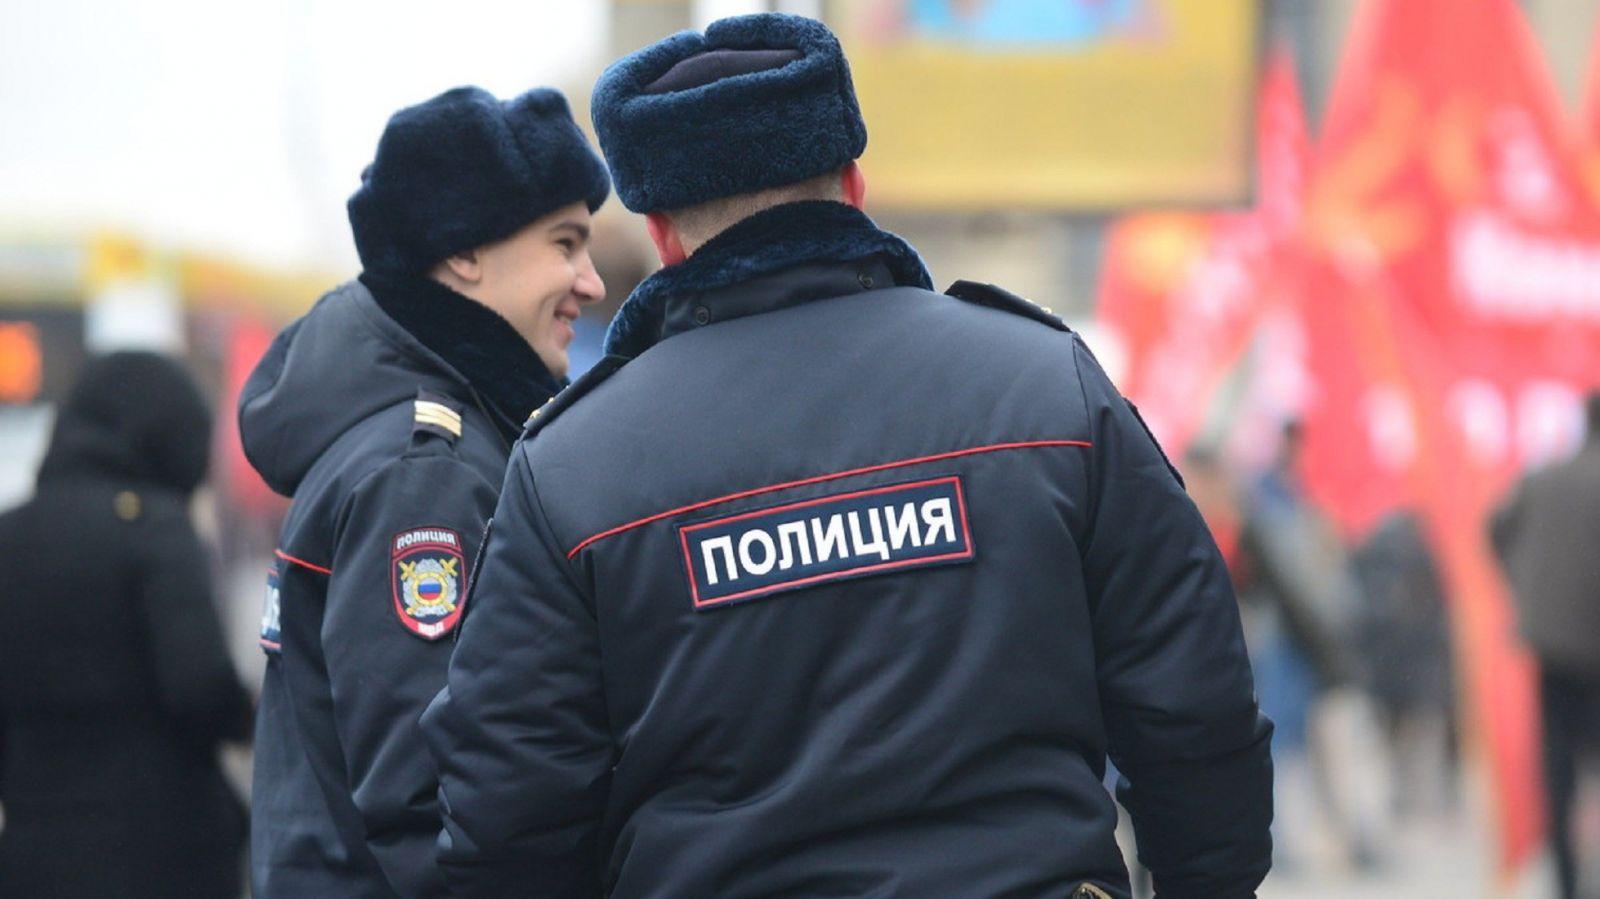 зарплата полицейского по регионам